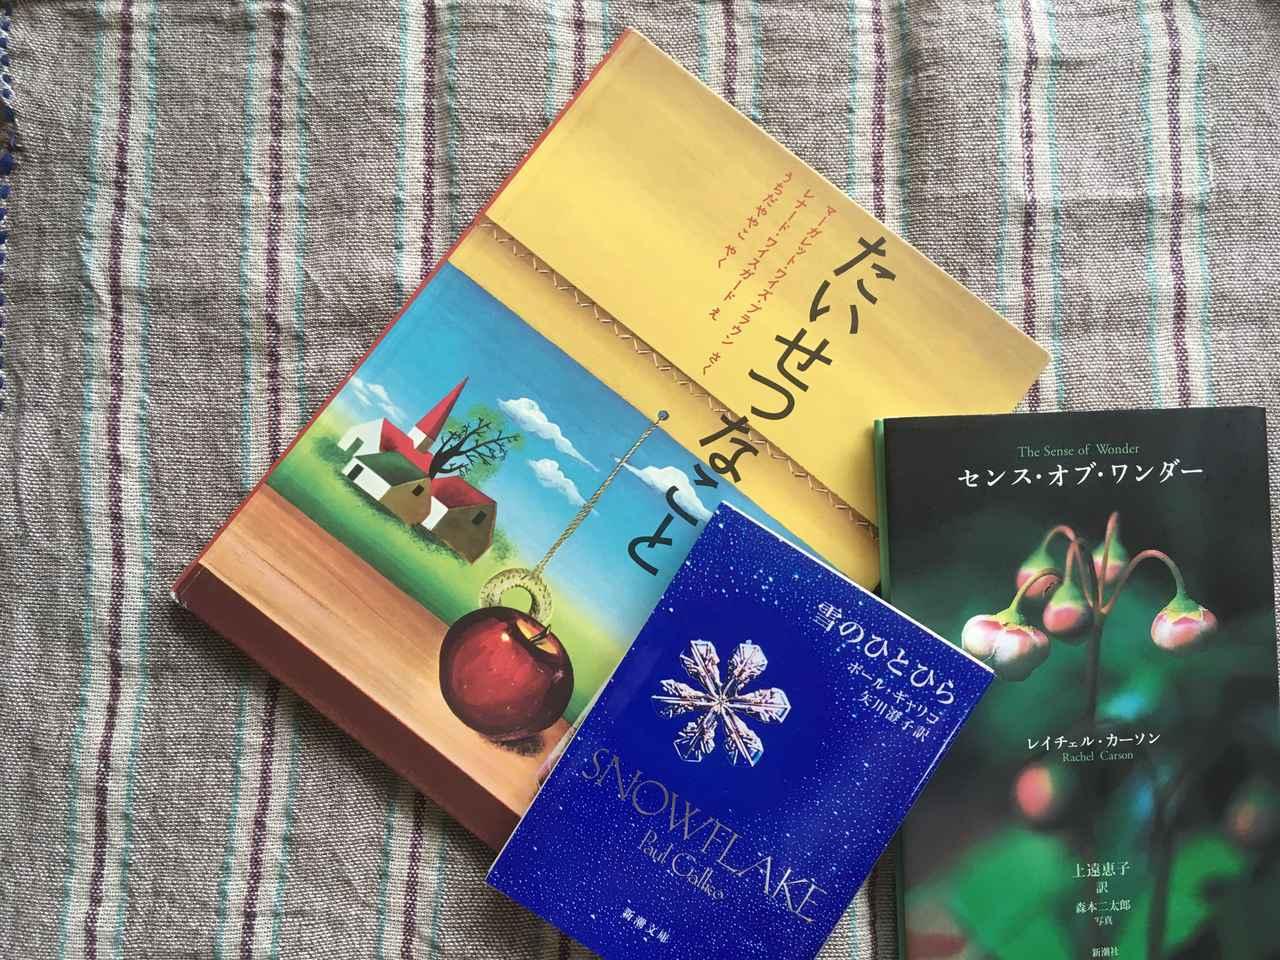 画像1: 写真提供:日本出版販売株式会社